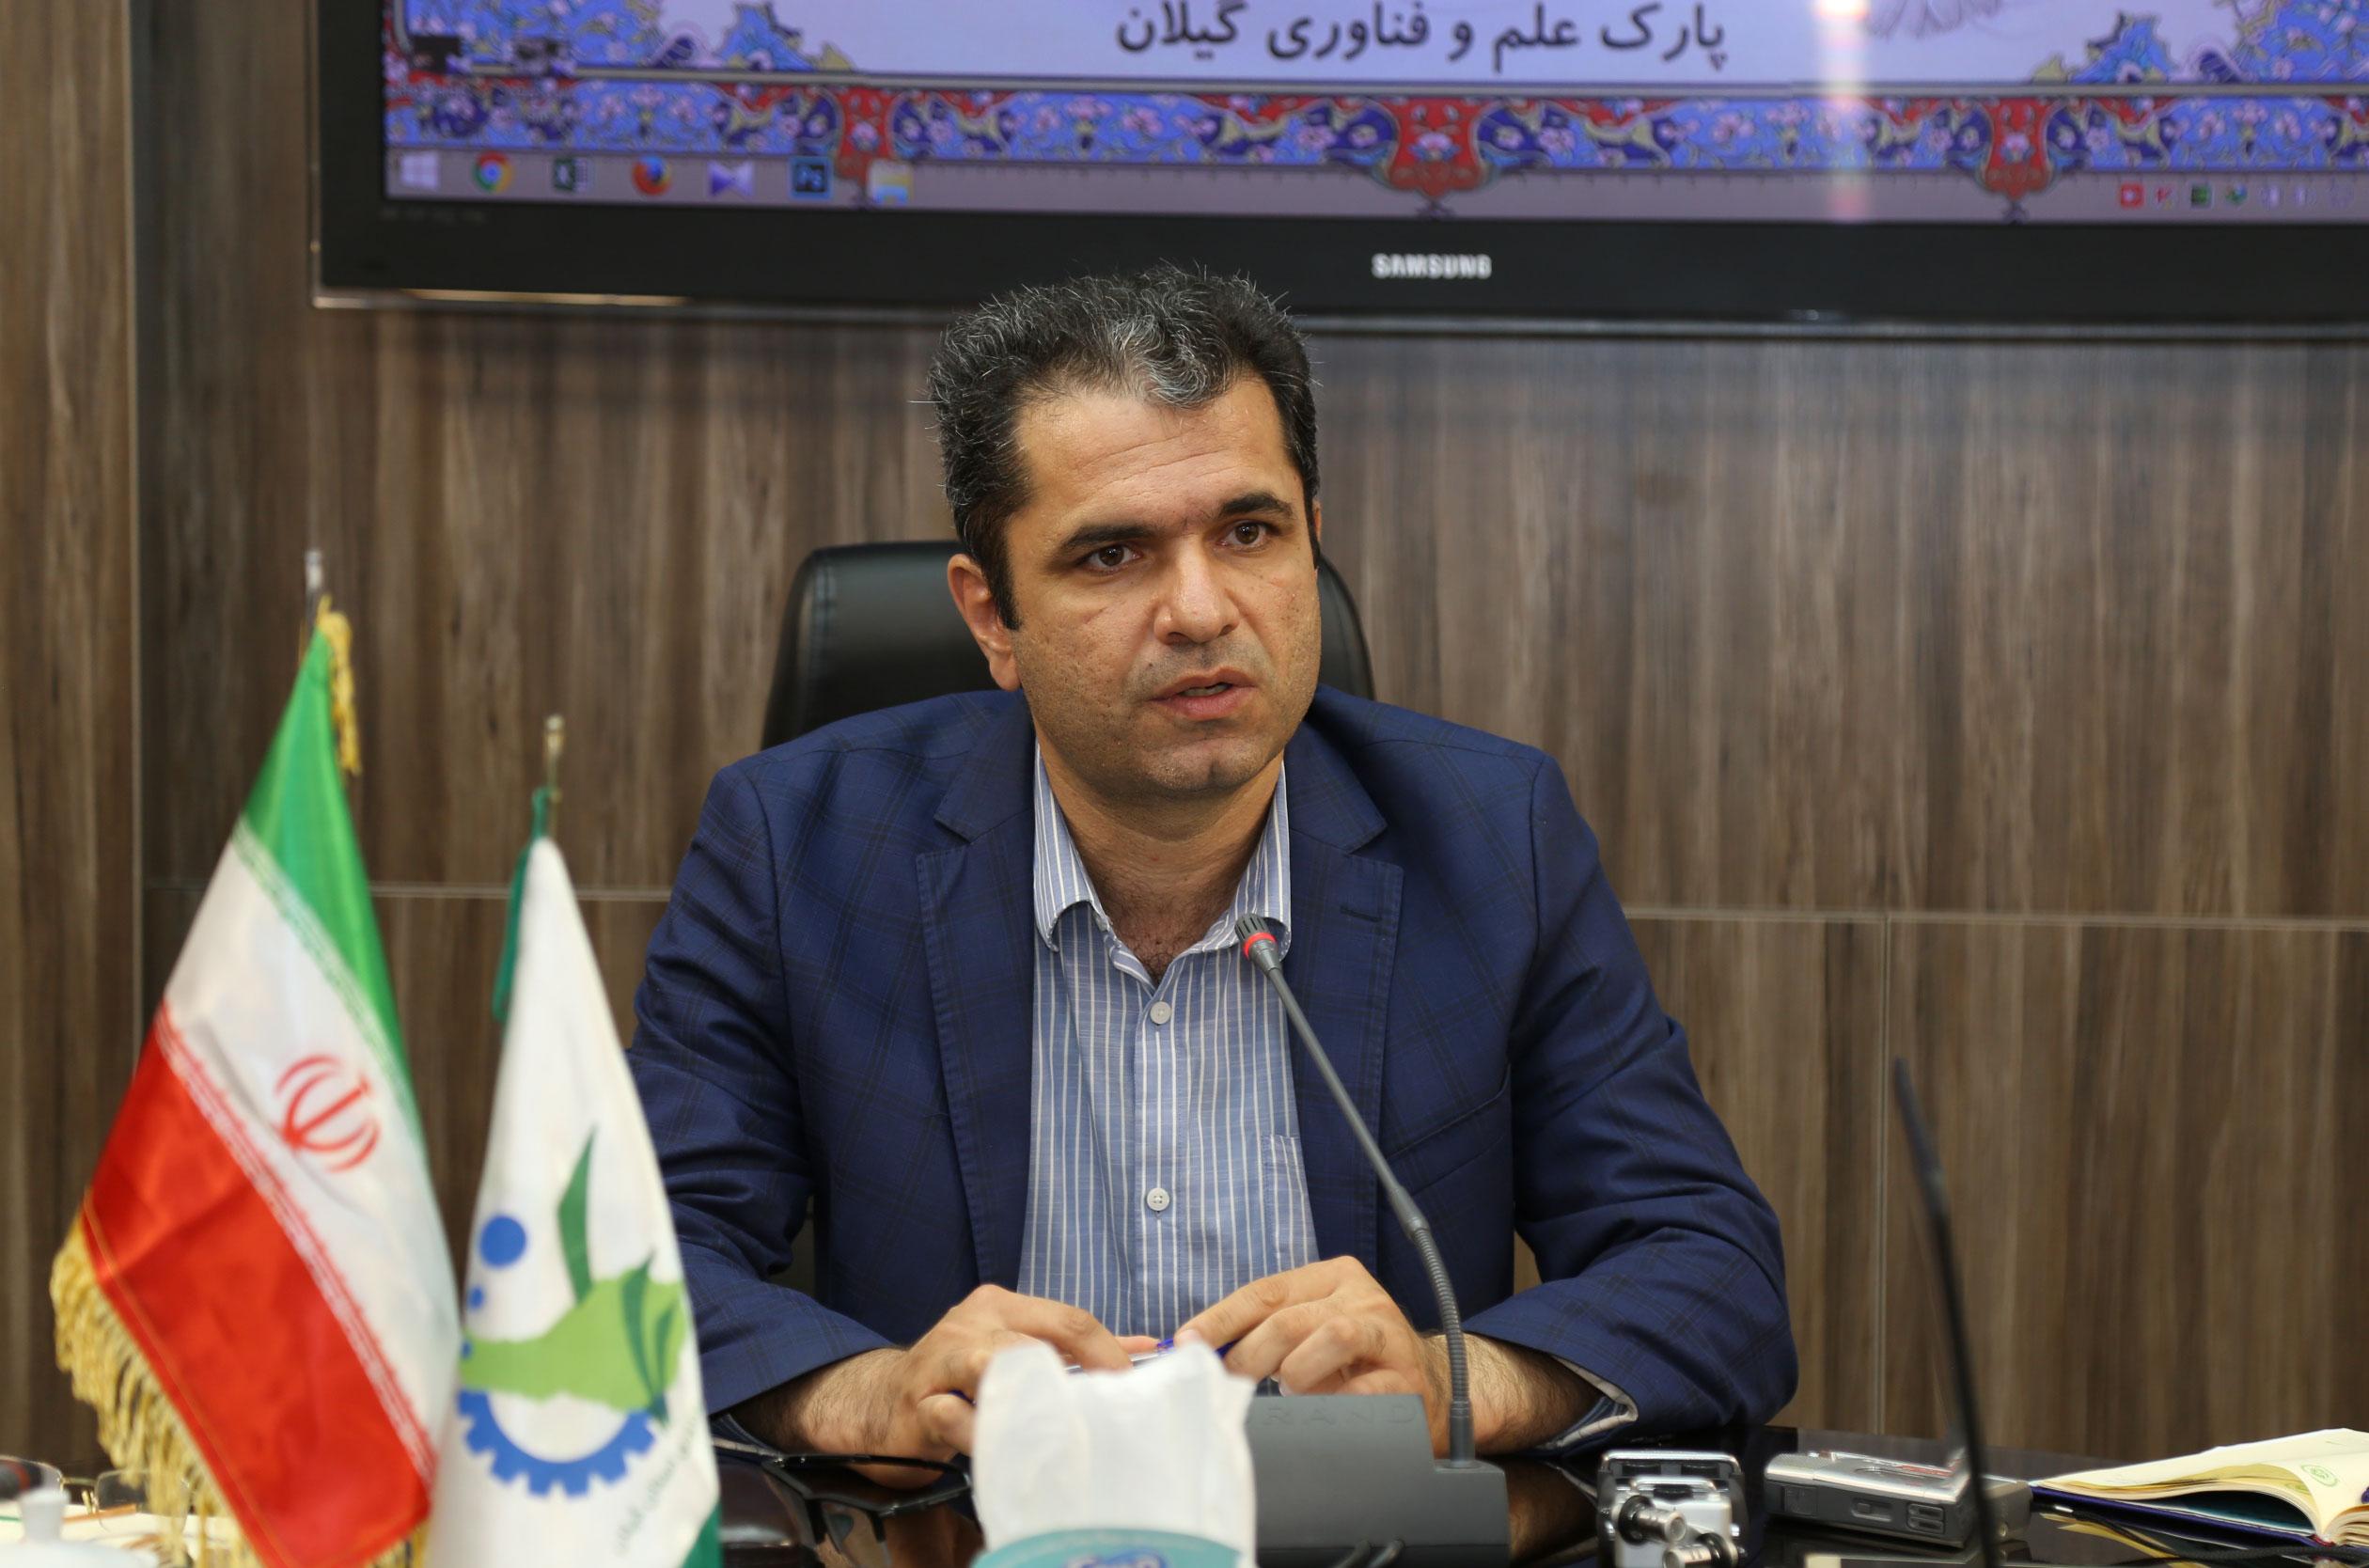 افتتاح مرکز نوآوری صنایع خلاق گیلان طی هفته جاری در رشت